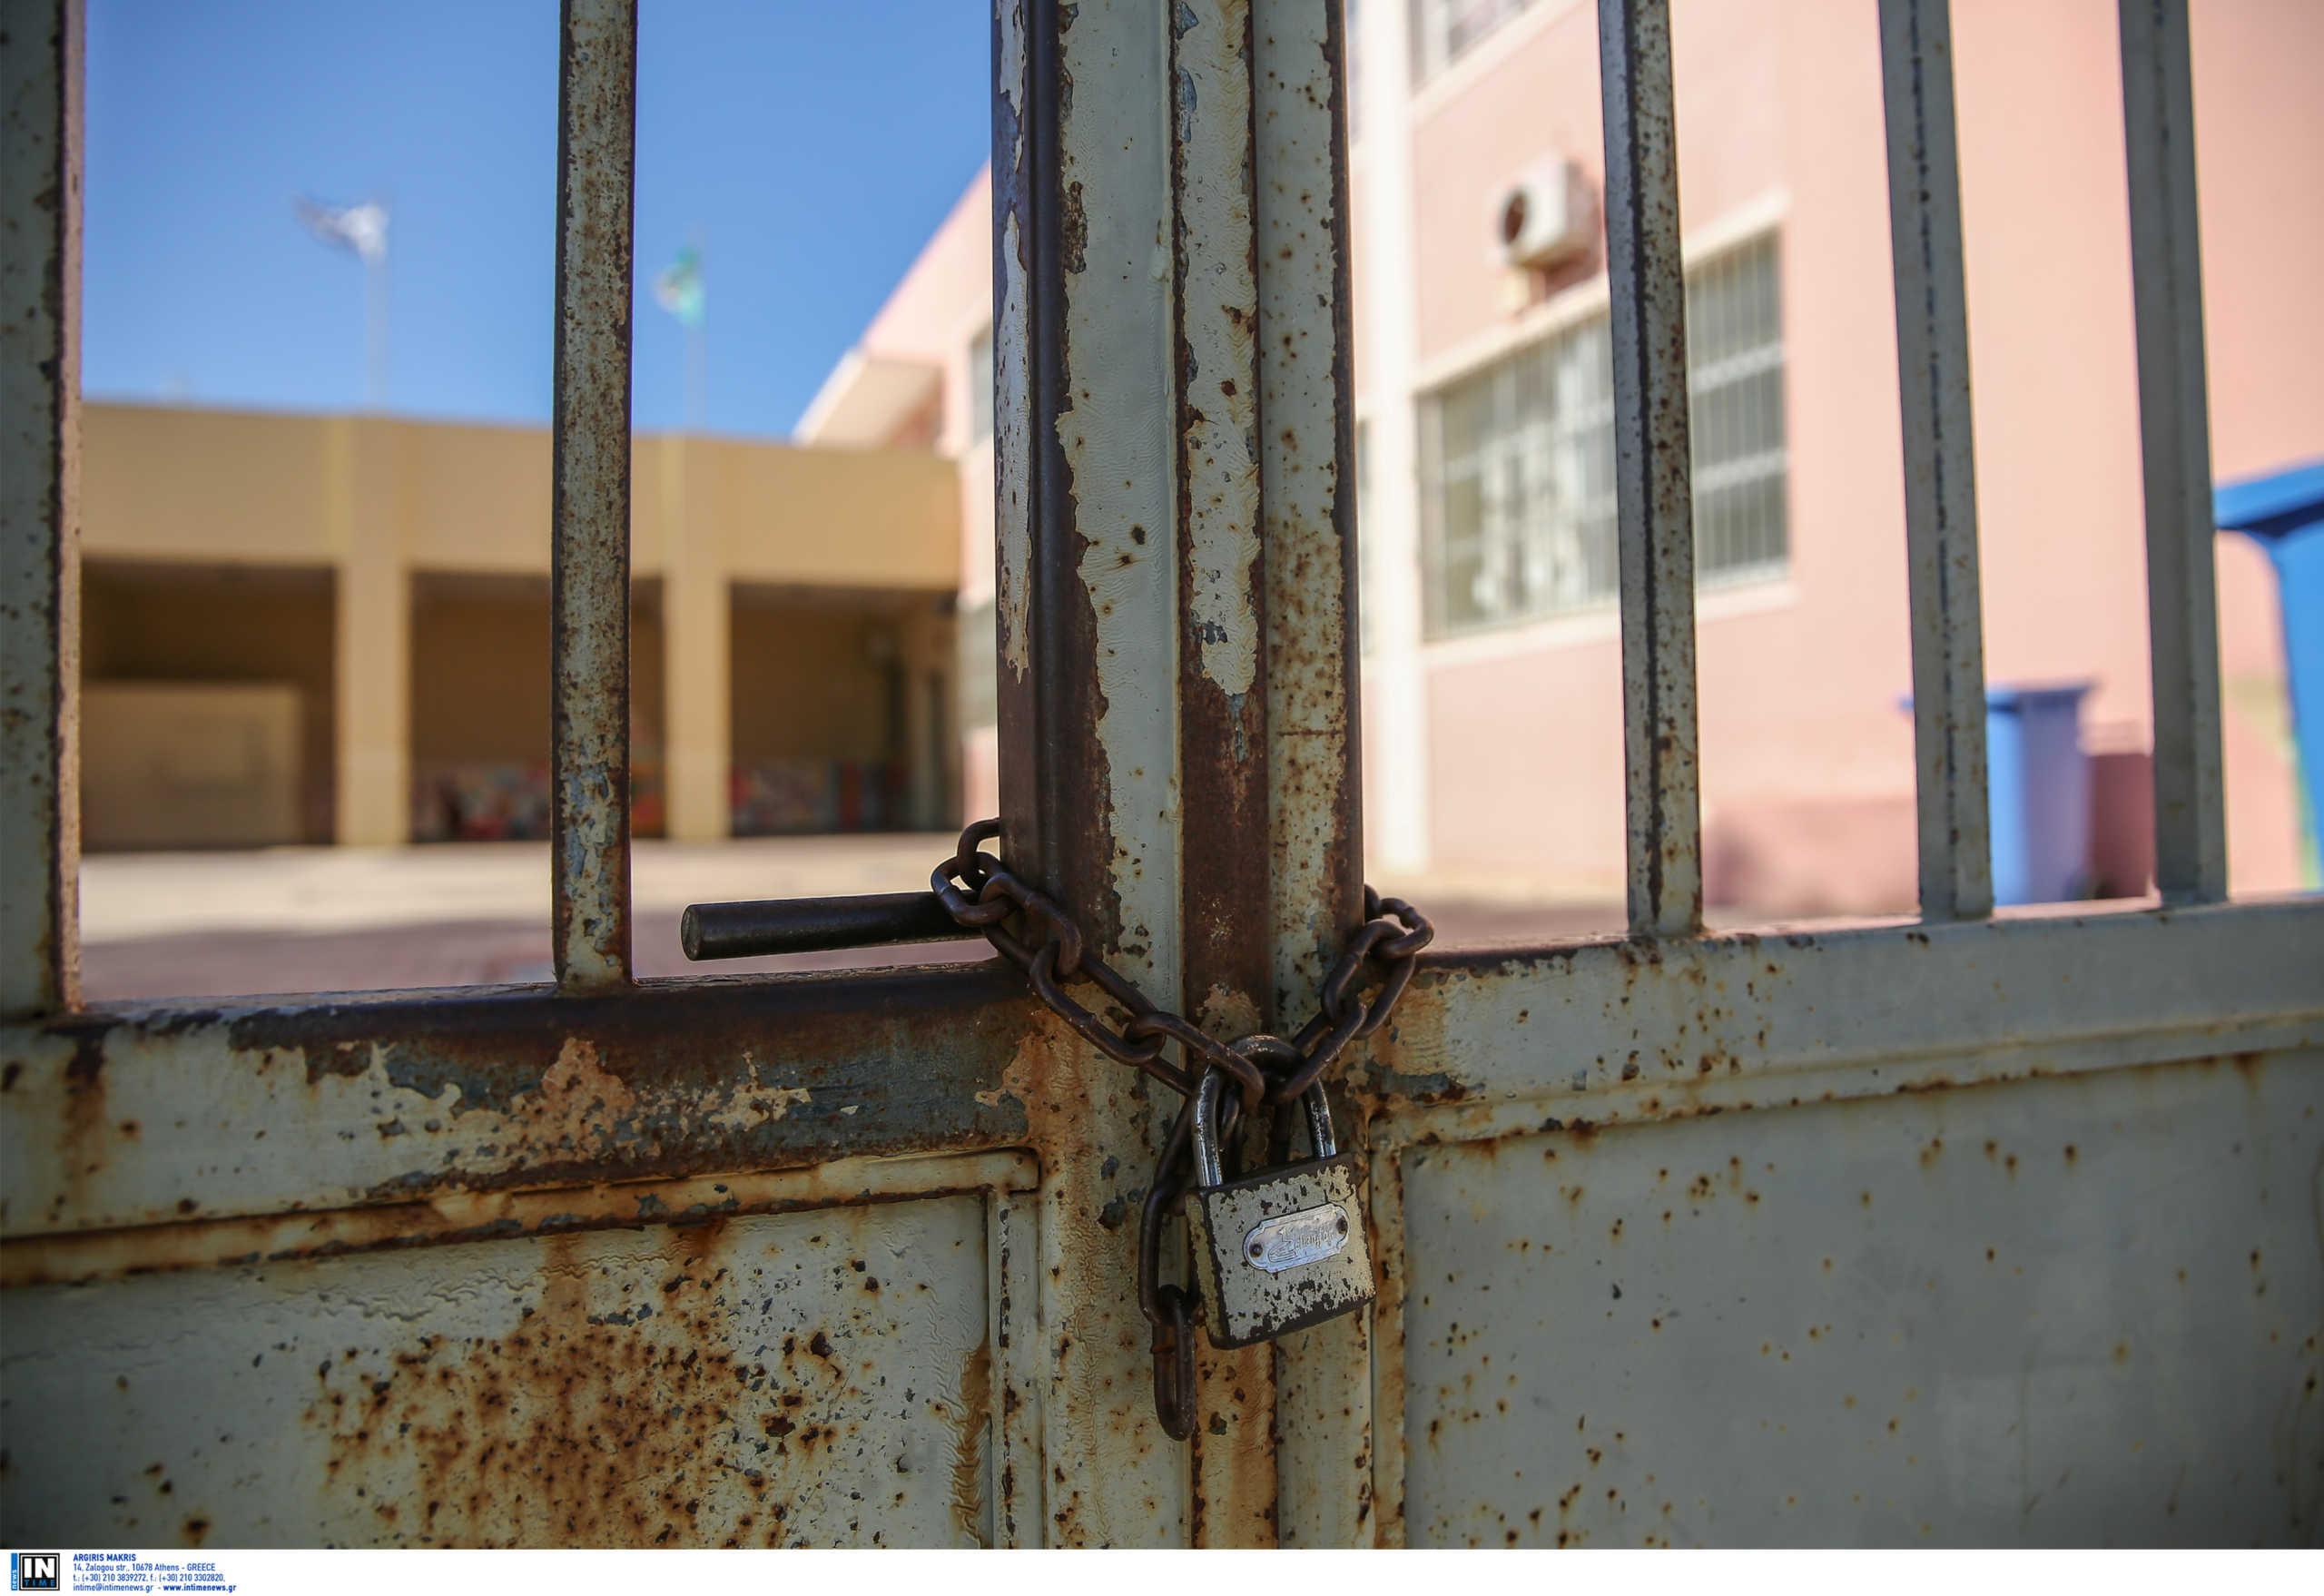 Ο κορονοϊός δίνει... ευκαιρίες σε κακοποιούς - Κατέκλεψαν κλειστό Δημοτικό σχολείο στην Πιερία